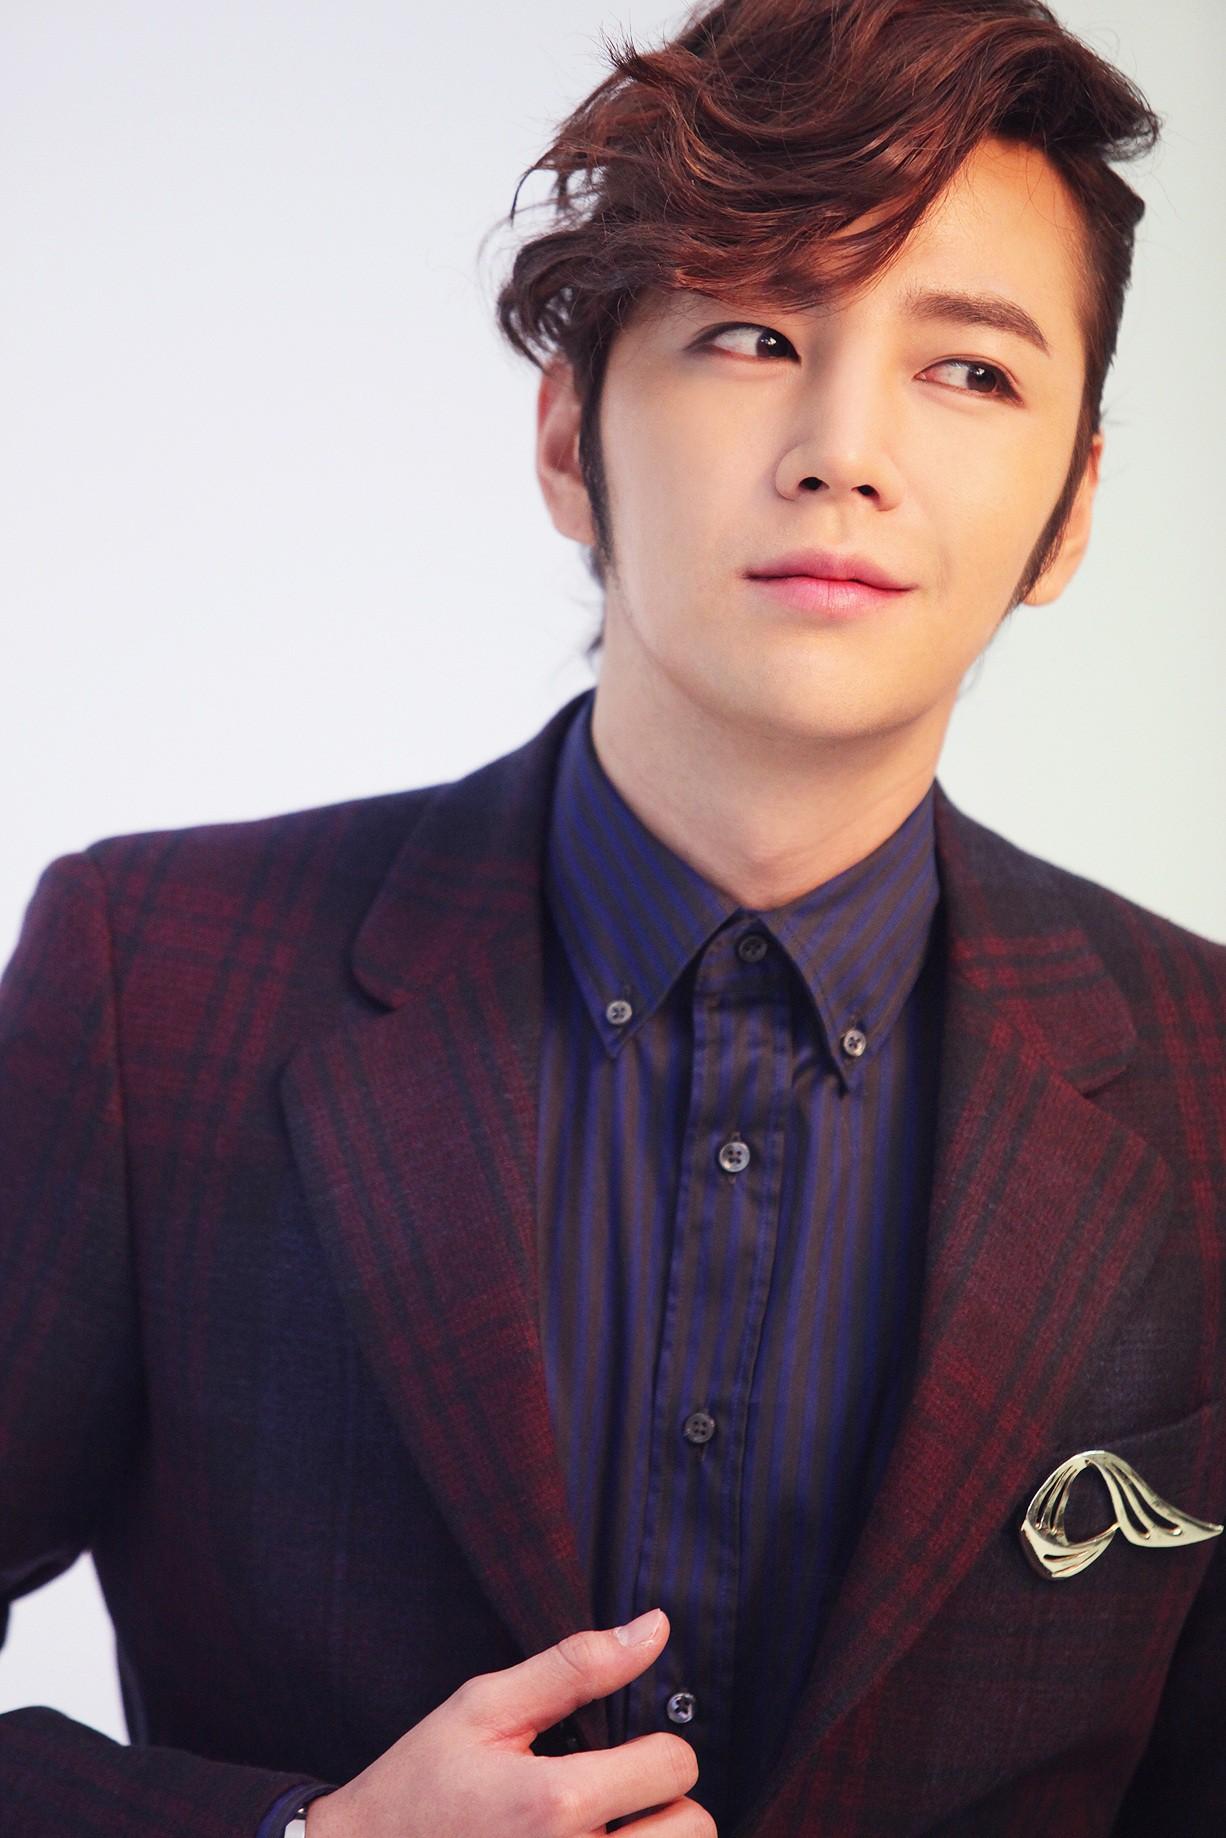 Với khối tài sản nghìn tỉ, Jeon Ji Hyun chễm chệ trong Top 10 đại gia bất động sản năm 2017 giữa 2 ông lớn showbiz - Ảnh 9.